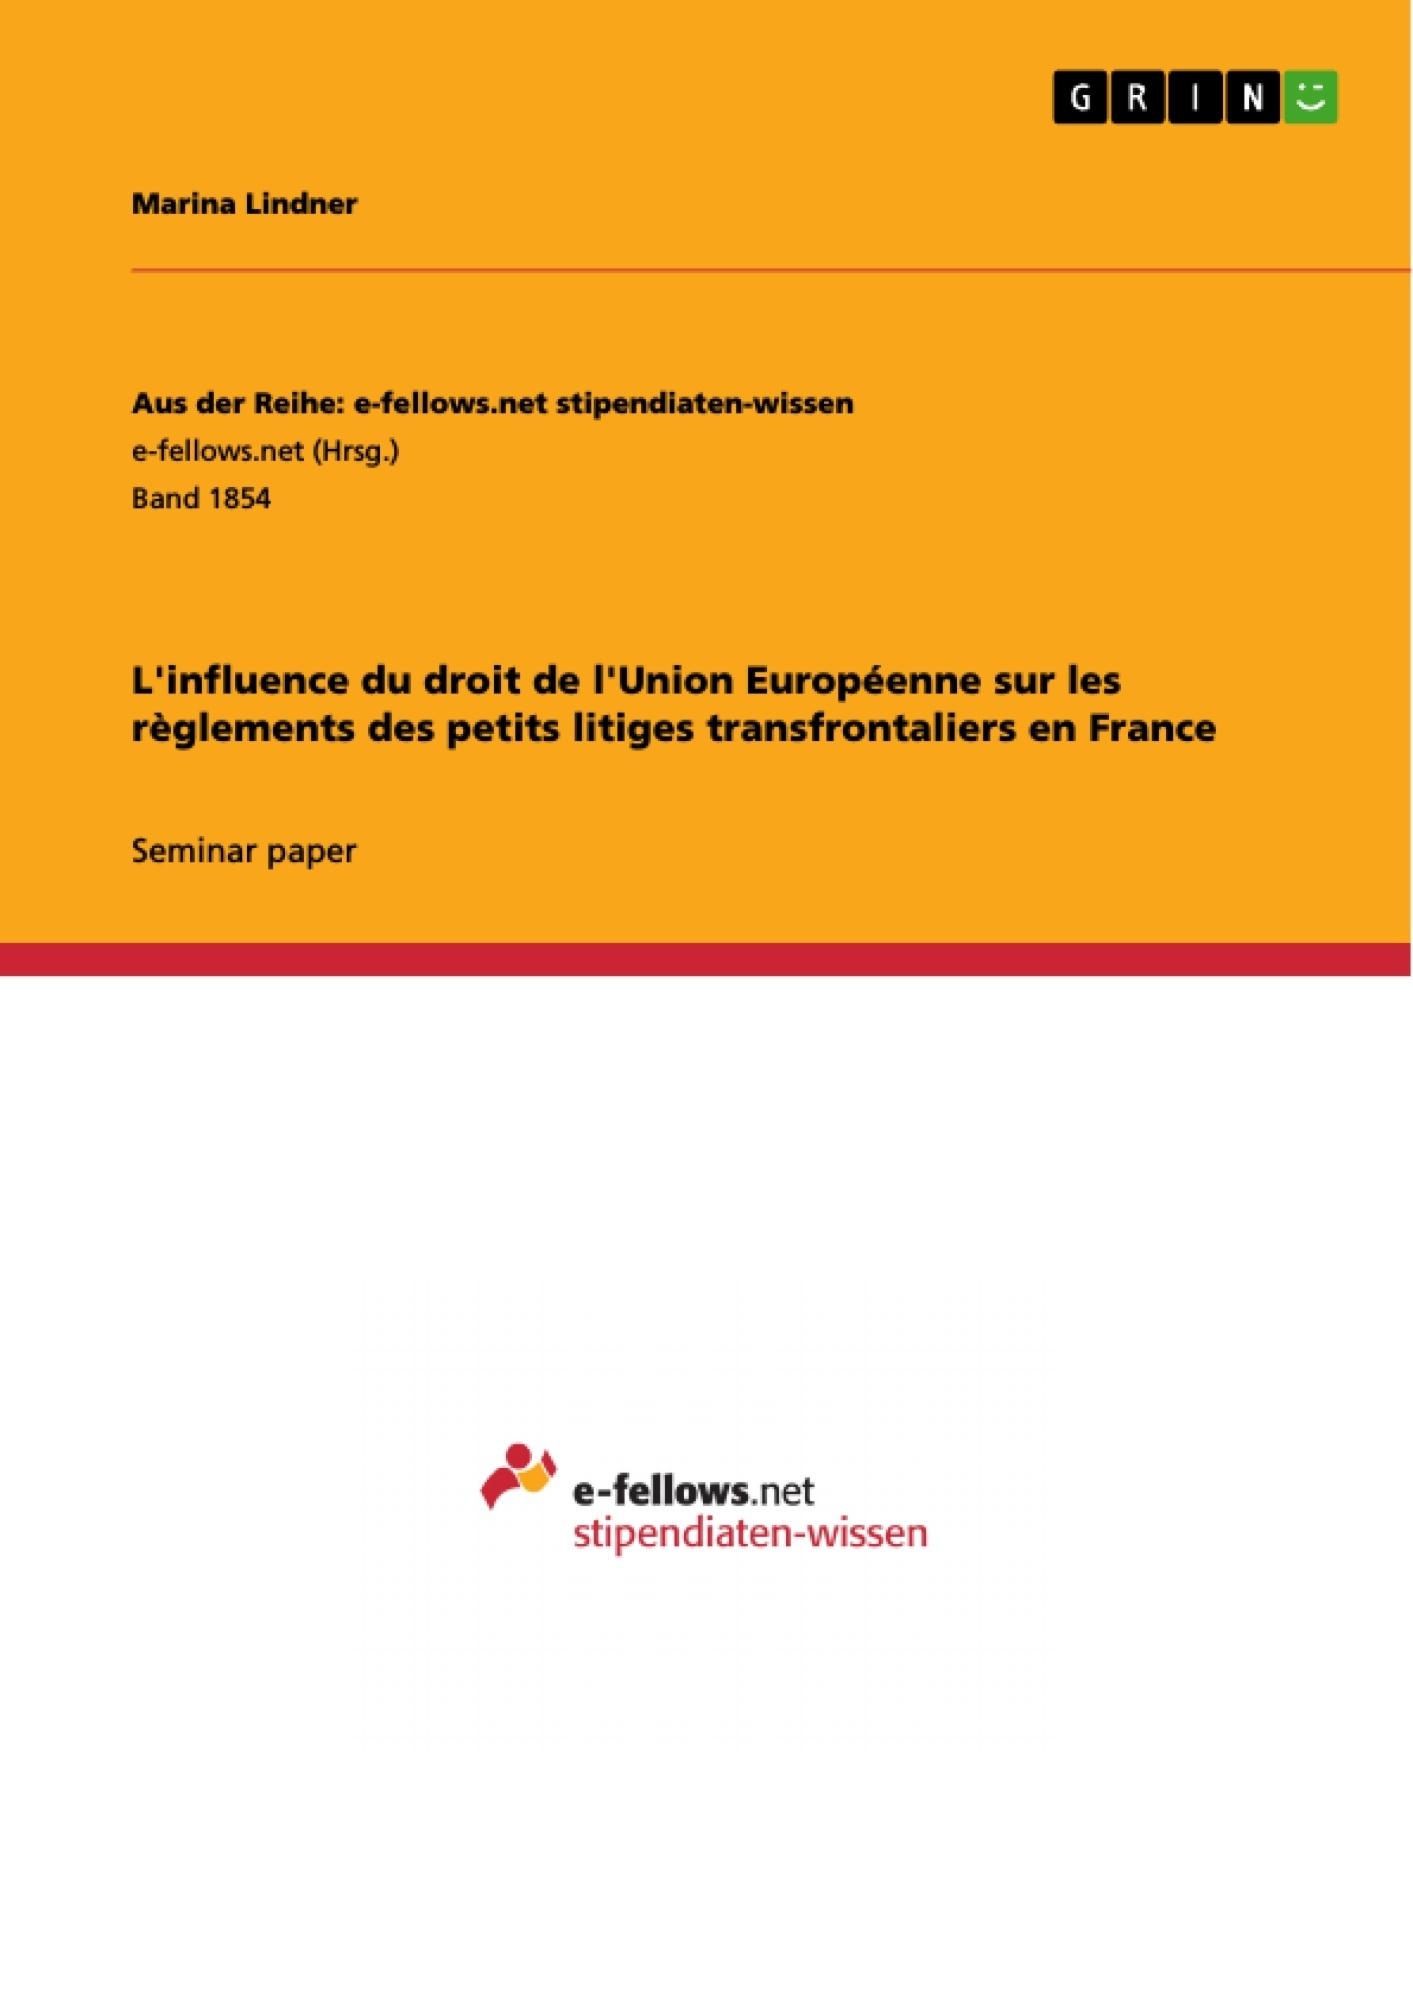 Titre: L'influence du droit de l'Union Européenne sur les règlements des petits litiges transfrontaliers en France